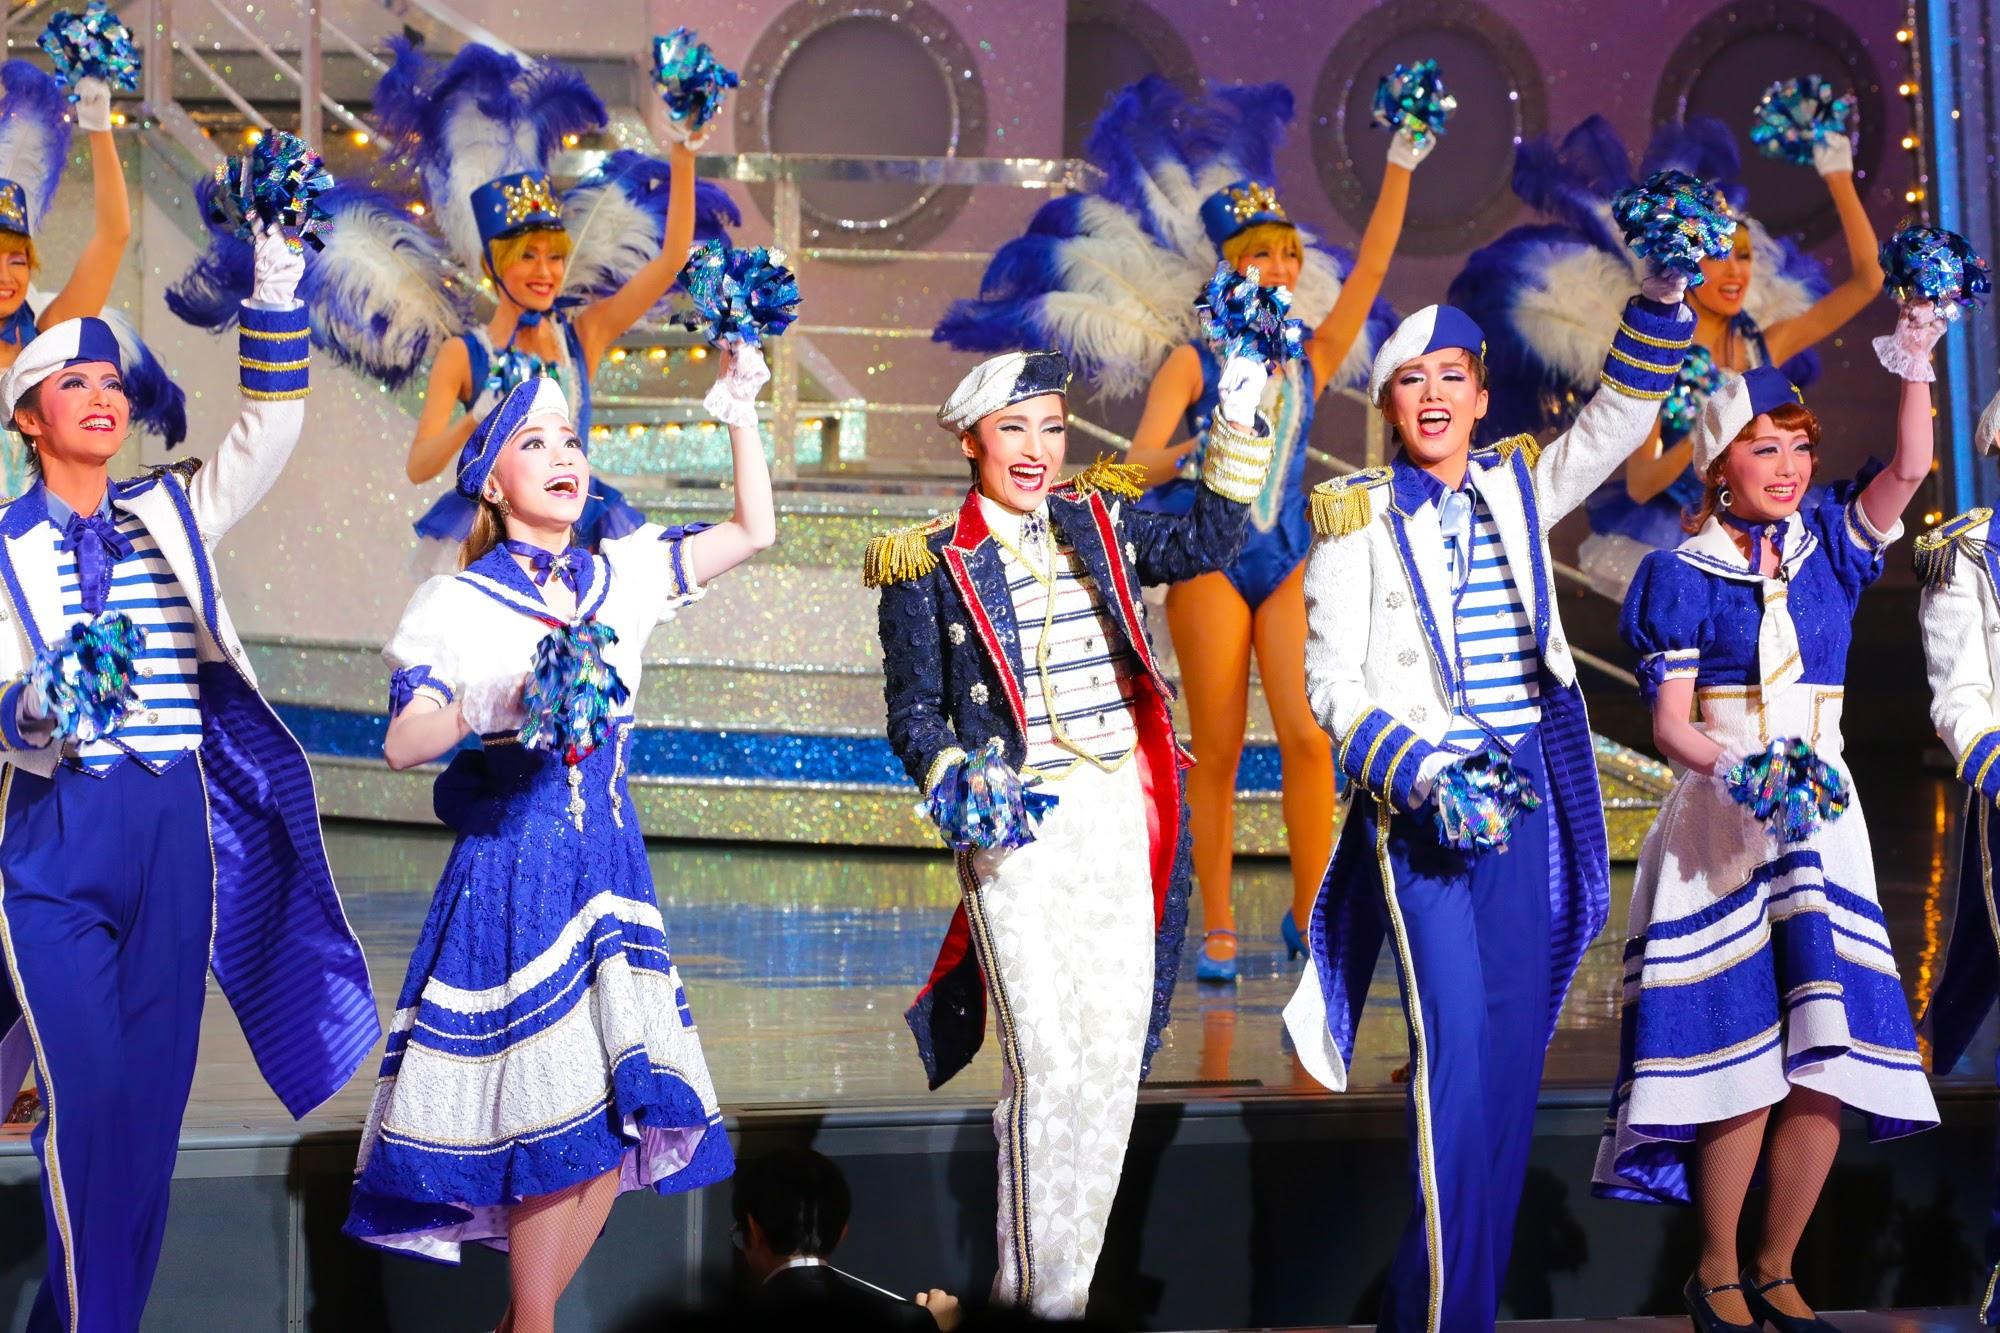 観客参加型のプロローグ (c)宝塚歌劇団